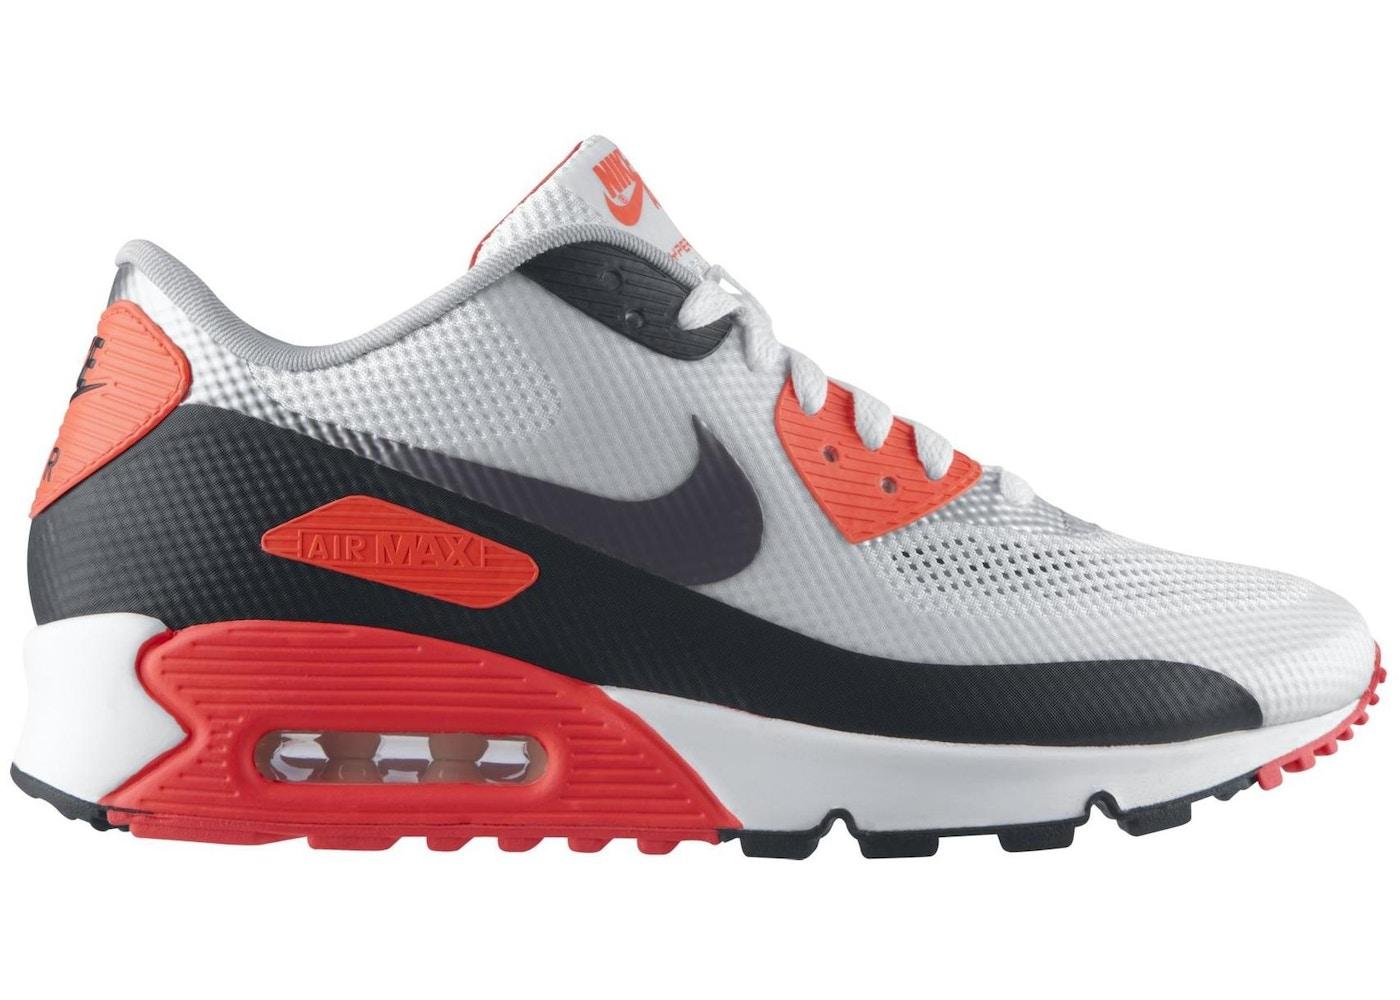 negozio presa rovinato  Nike Air Max 90 Hyperfuse Infrared - 548747-106